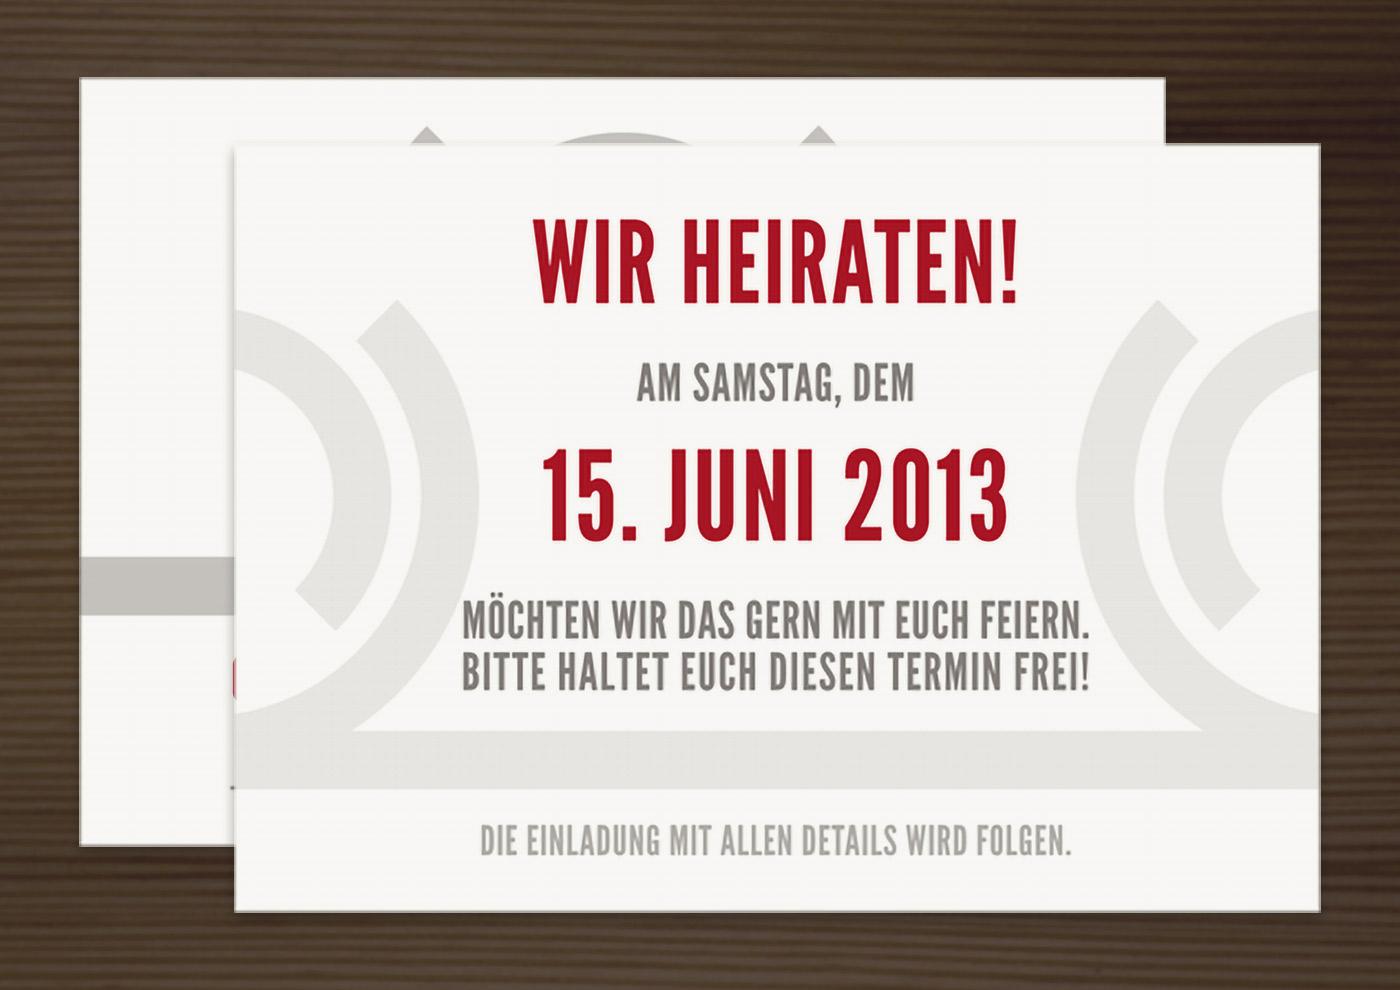 Save the date, Ankündigungskarte, Einladungskarte und Anhänger, Grafik Design von Logo und Corporate Identity für Hochzeit und gemeinsames Leben des Paares